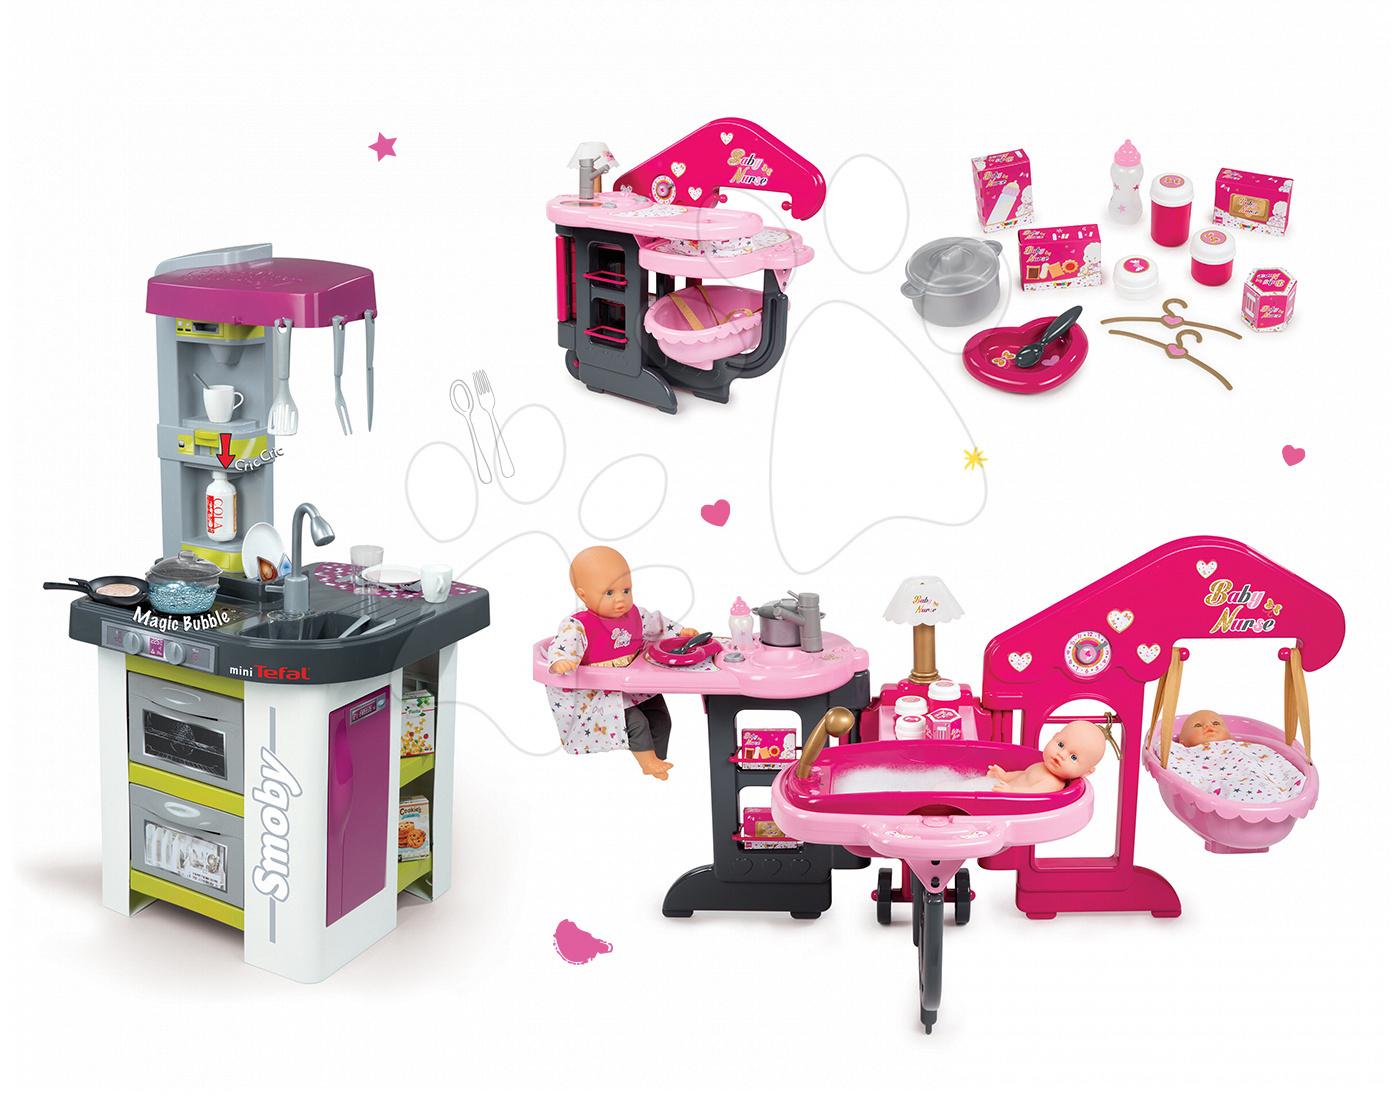 Kuchyňky pro děti sety - Set kuchyňka Tefal Studio Barbecue Smoby s magickým bubláním, domeček pro panenku Baby Nurse Zlatá edice